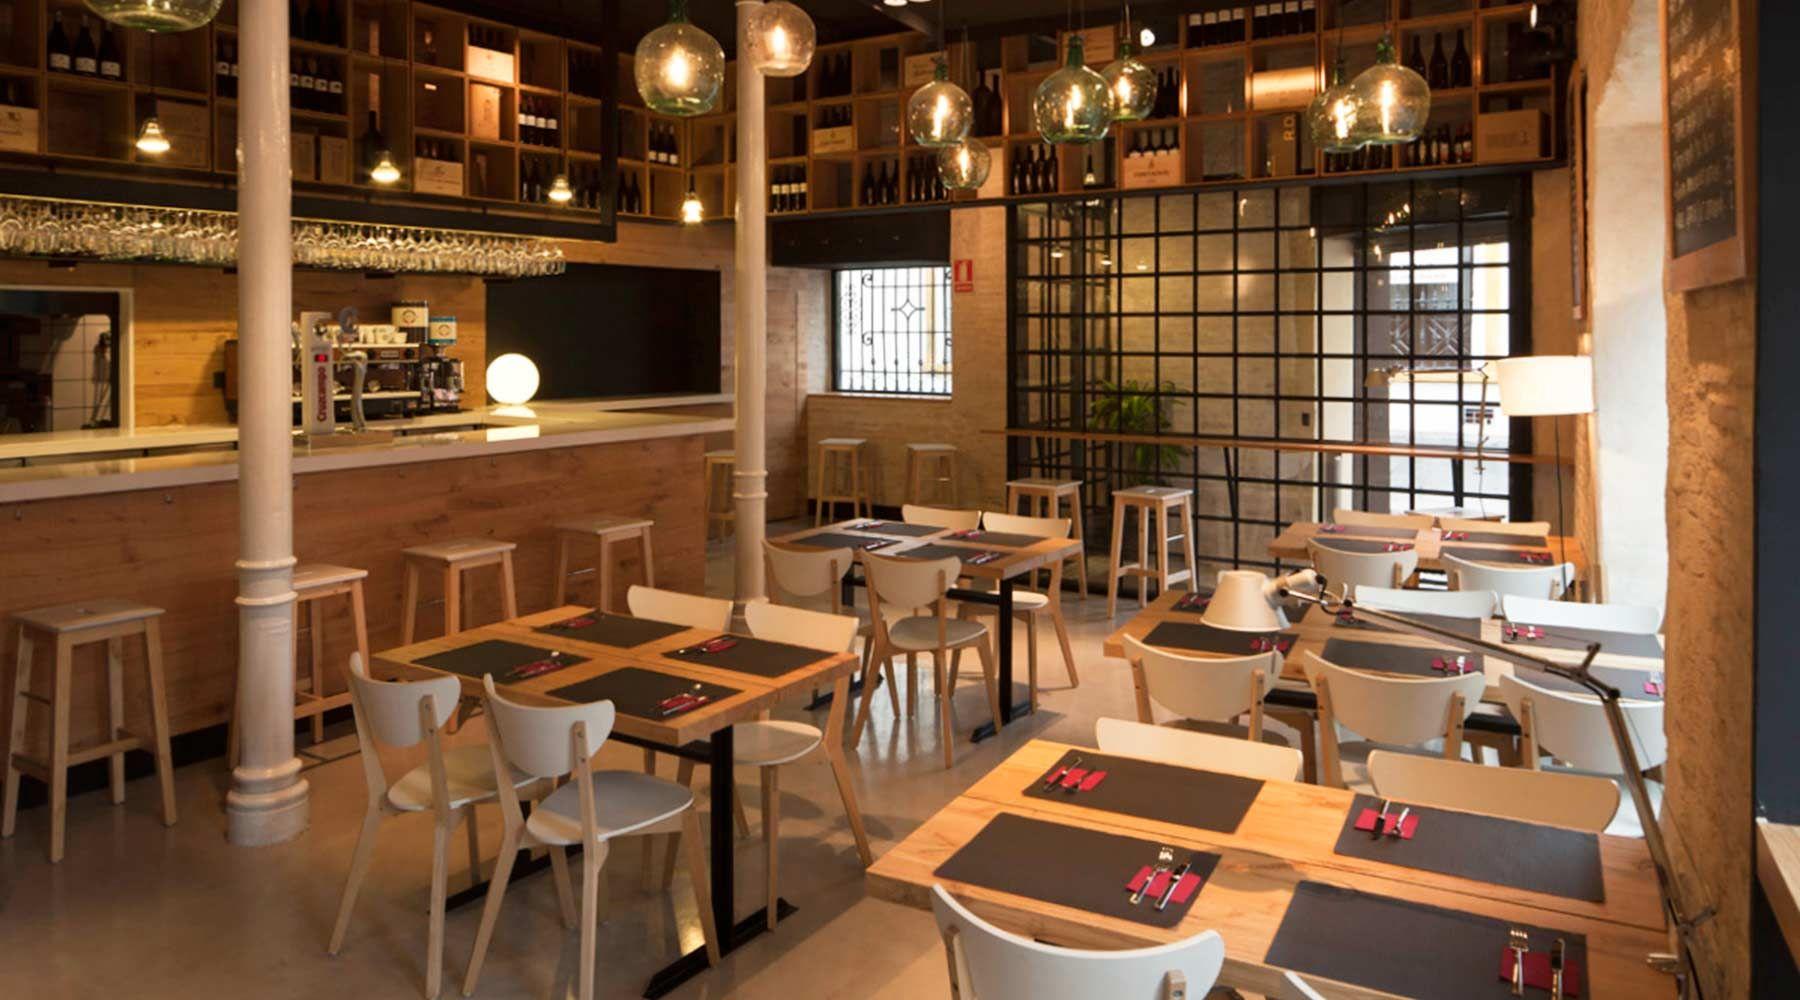 Detalle interior muebles de dise o a medida para for Muebles bar diseno